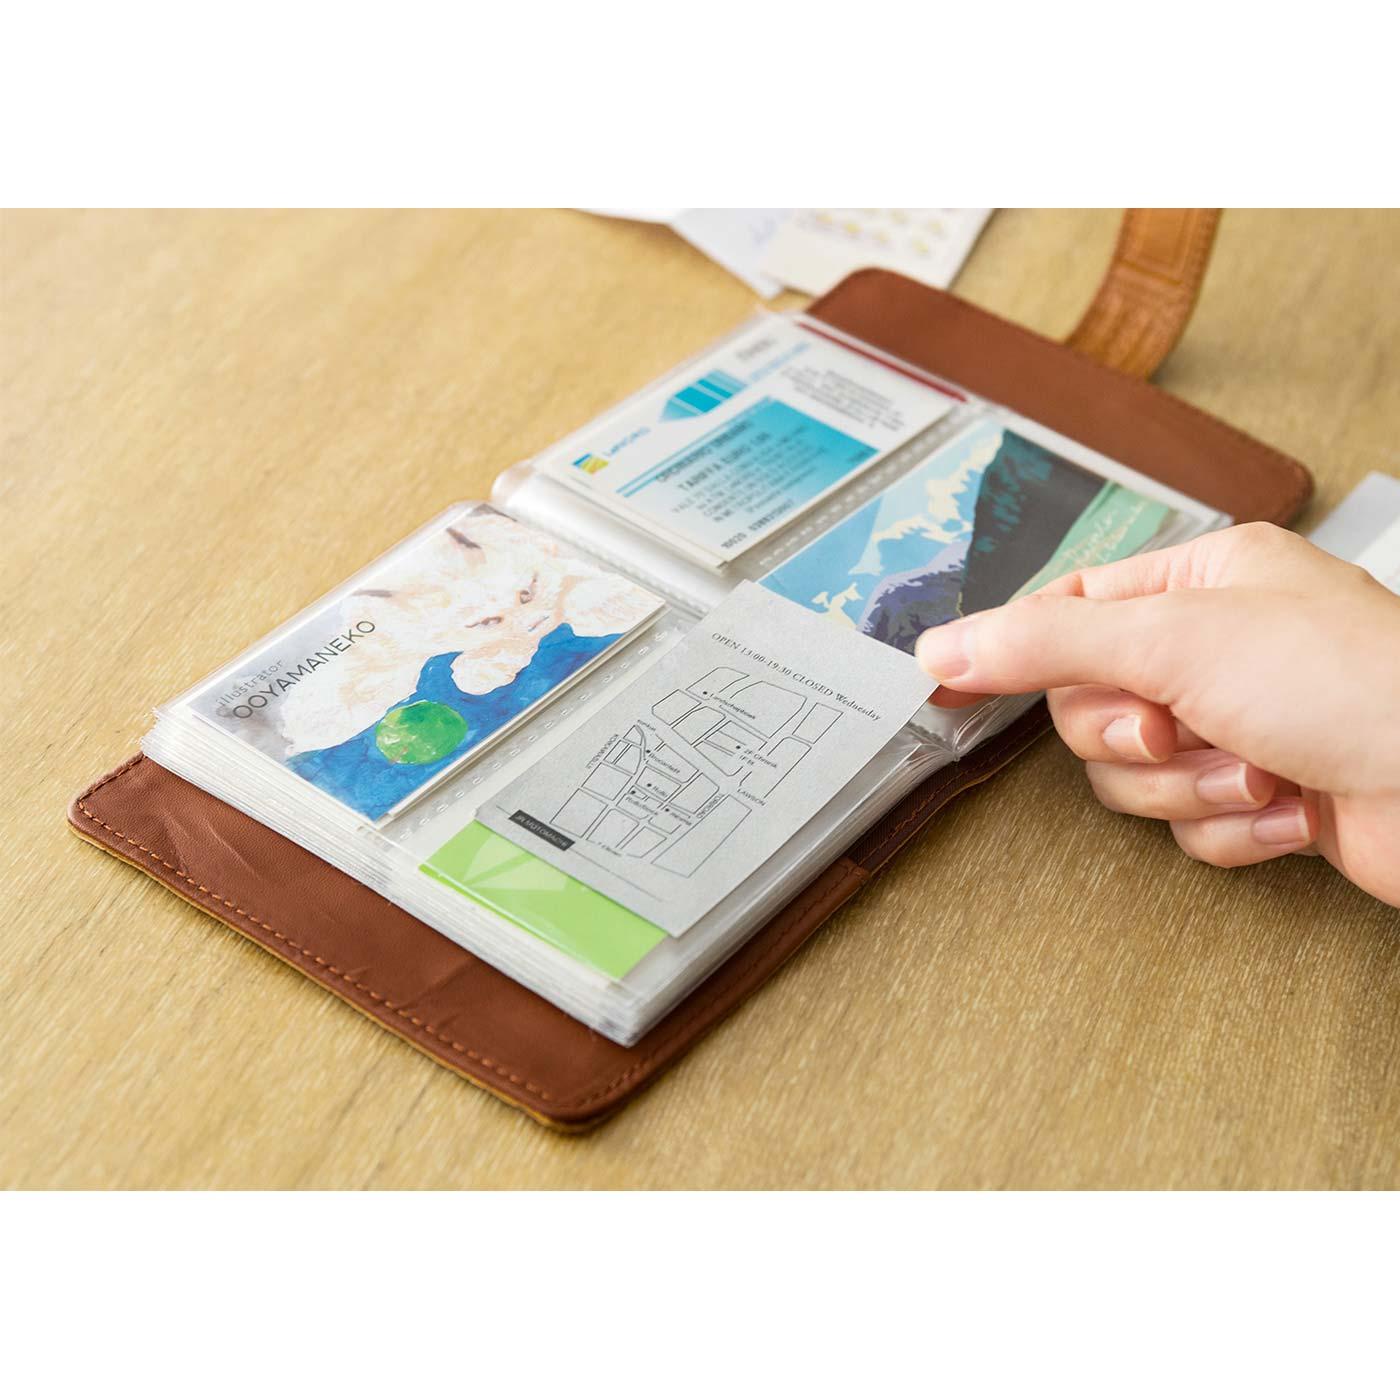 カードファイル 診察券やポイントカード、名刺をたっぷり100枚収納。かわいいショップカードのコレクション用にも。 ■サイズ/縦約14cm、横約14cm、まち幅約2.5cm ※縦約6.5cm、横約9cmまでのカードサイズが収納できます。